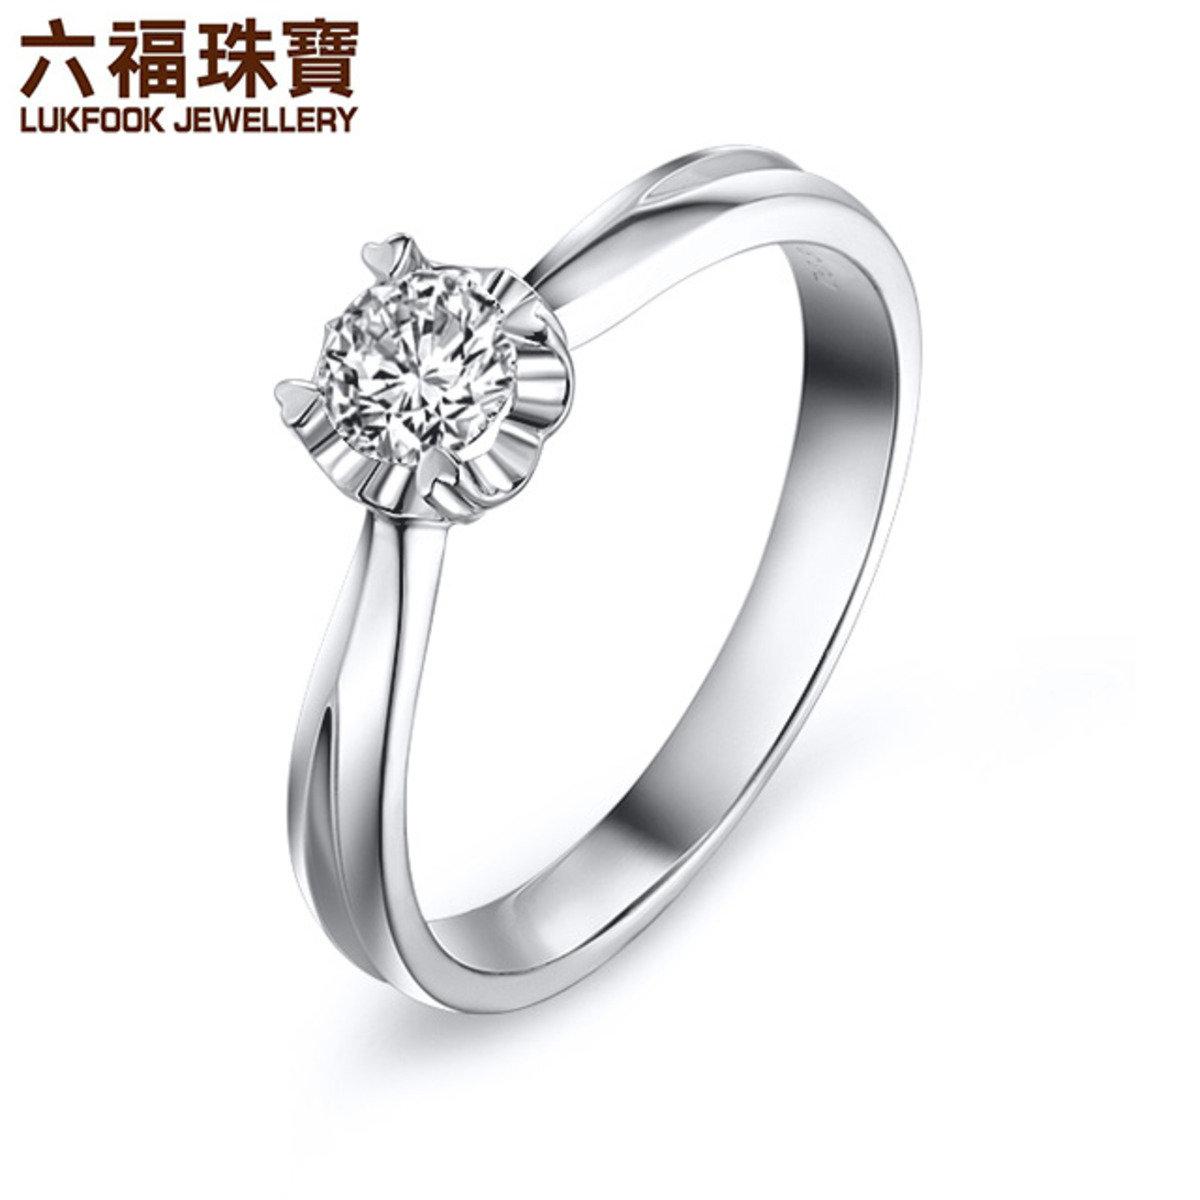 愛很美18K/750金(白色)鑲單鑽石戒指